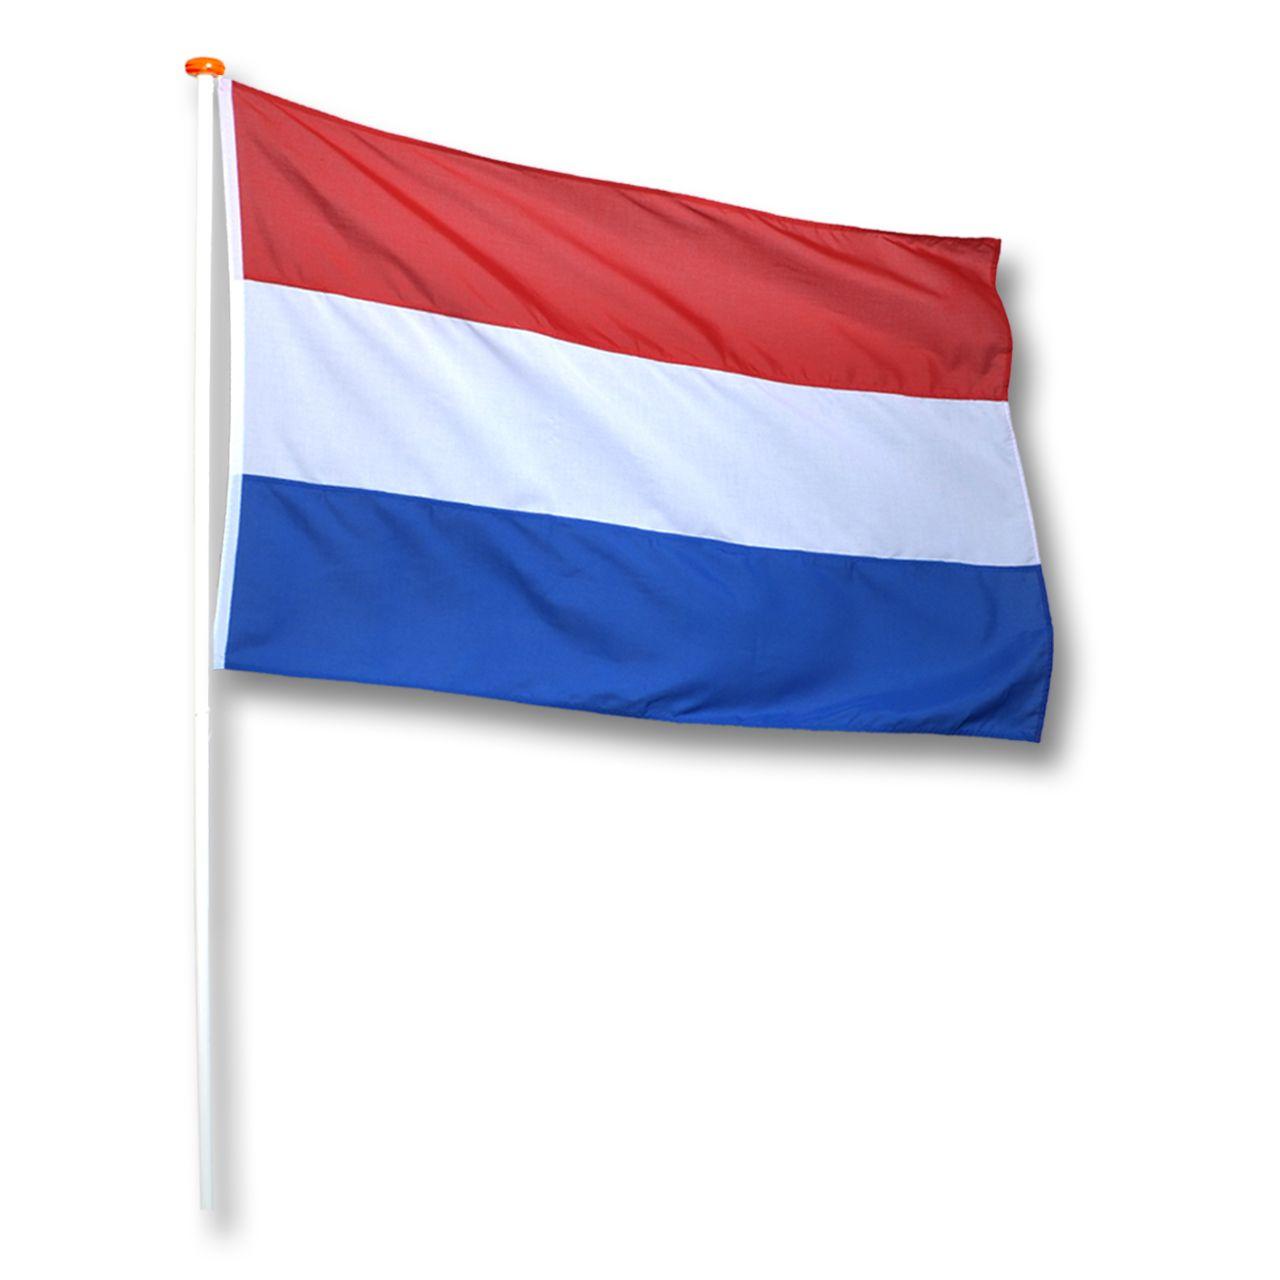 Vlag Nederland Rood-Wit-Blauw